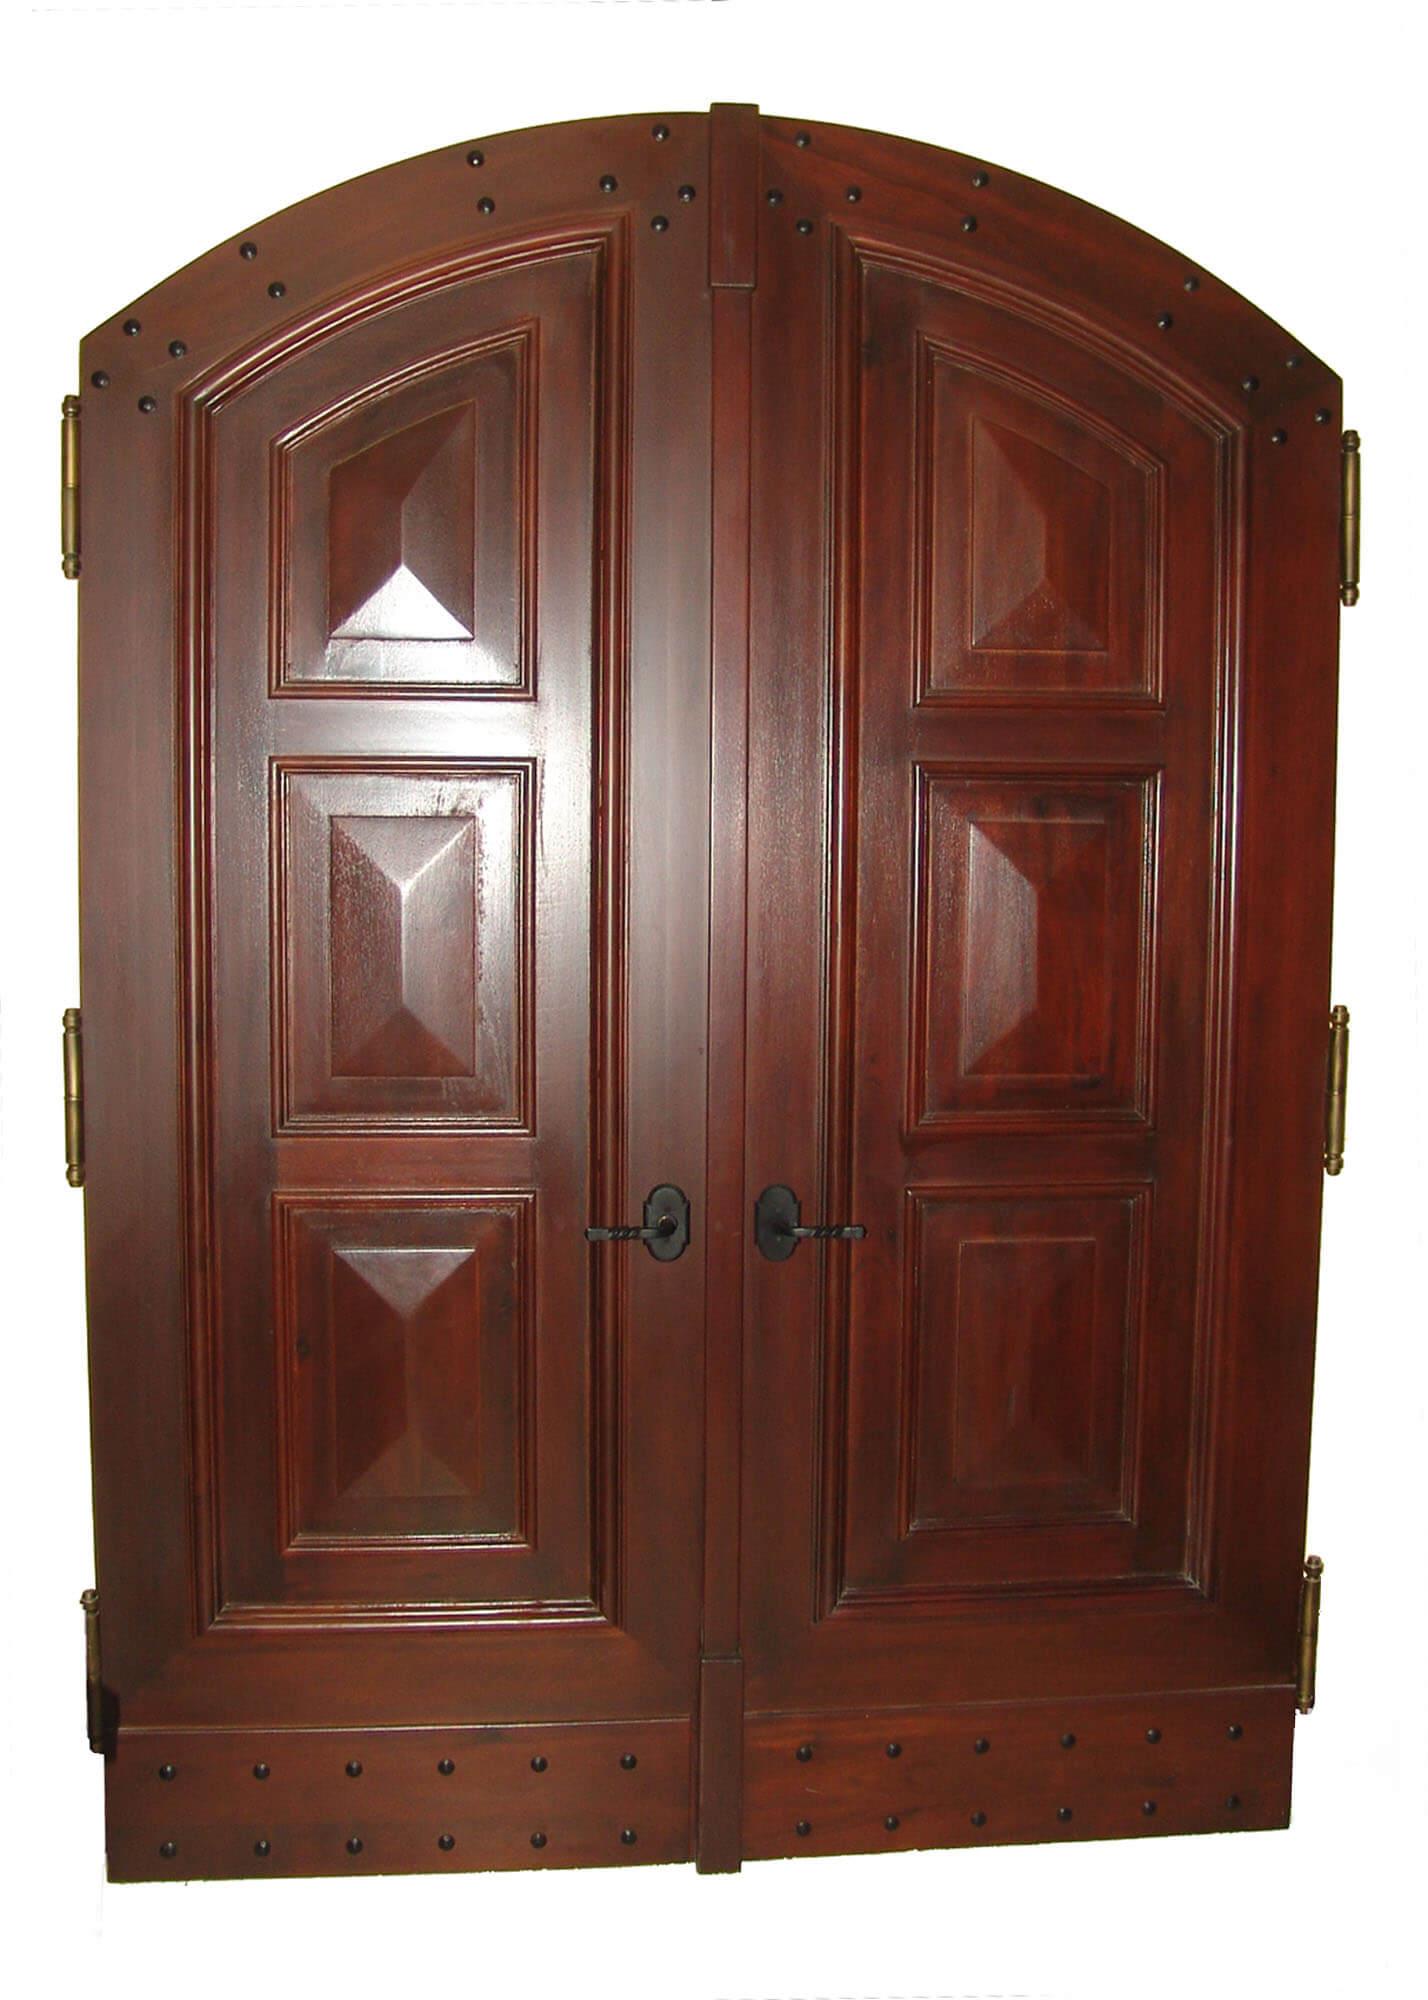 DAVINCI DOOR.